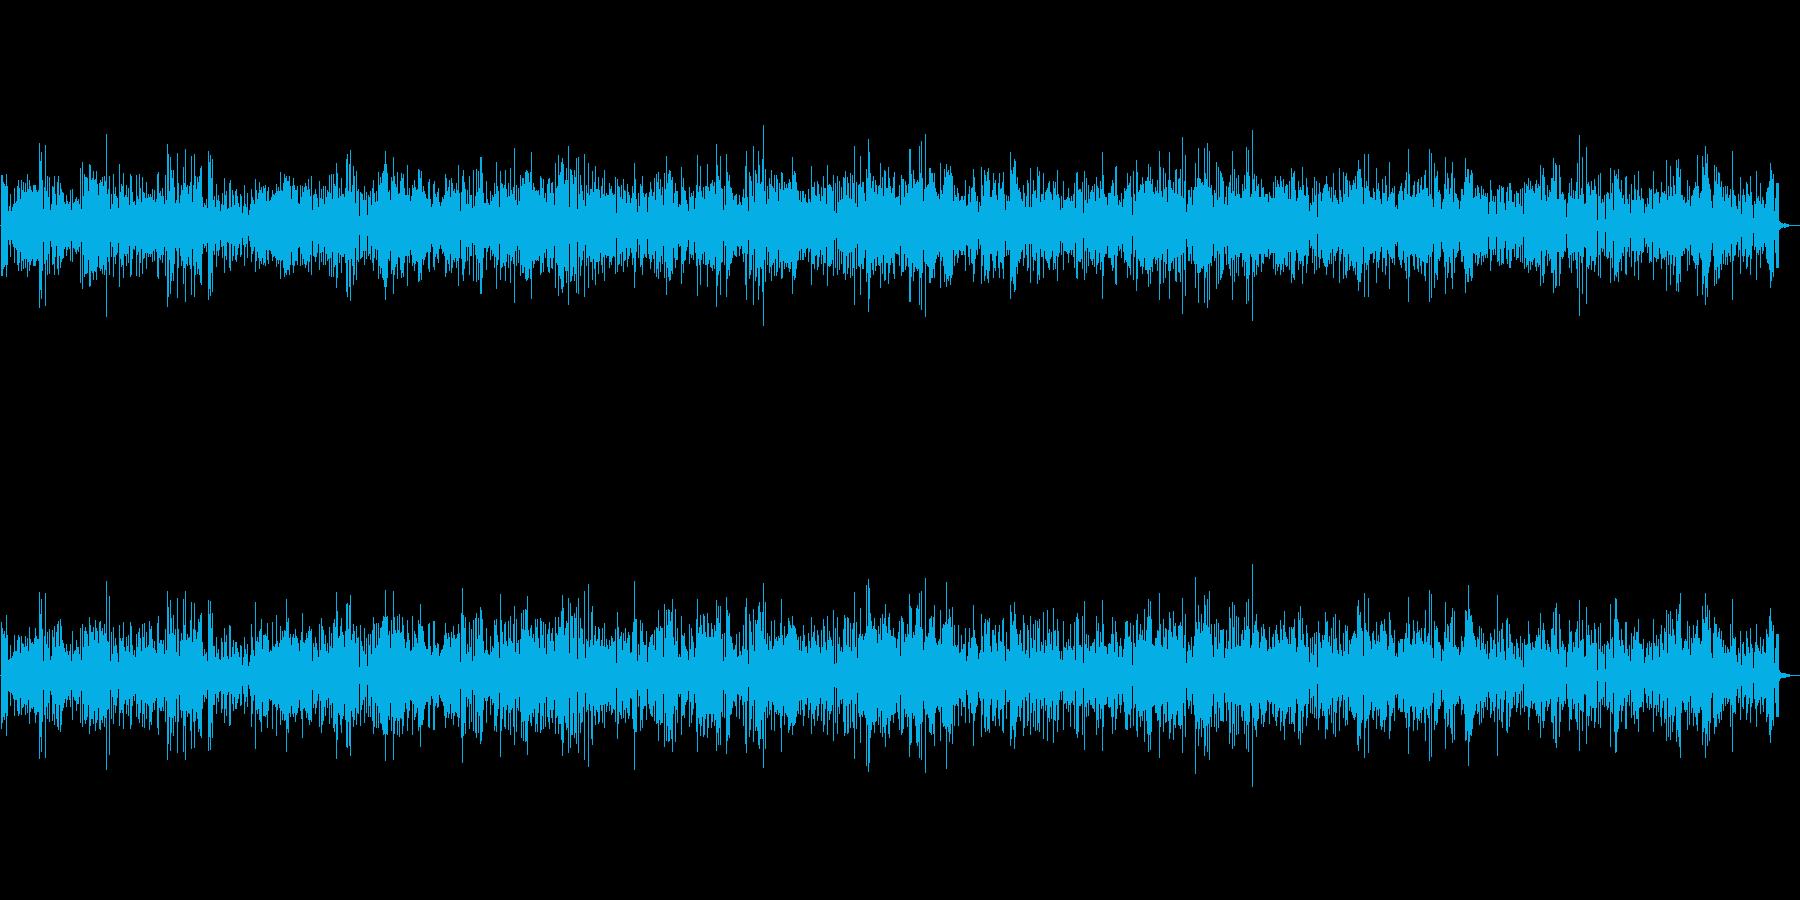 しっとり優雅に聴きたいお洒落ジャズBGMの再生済みの波形